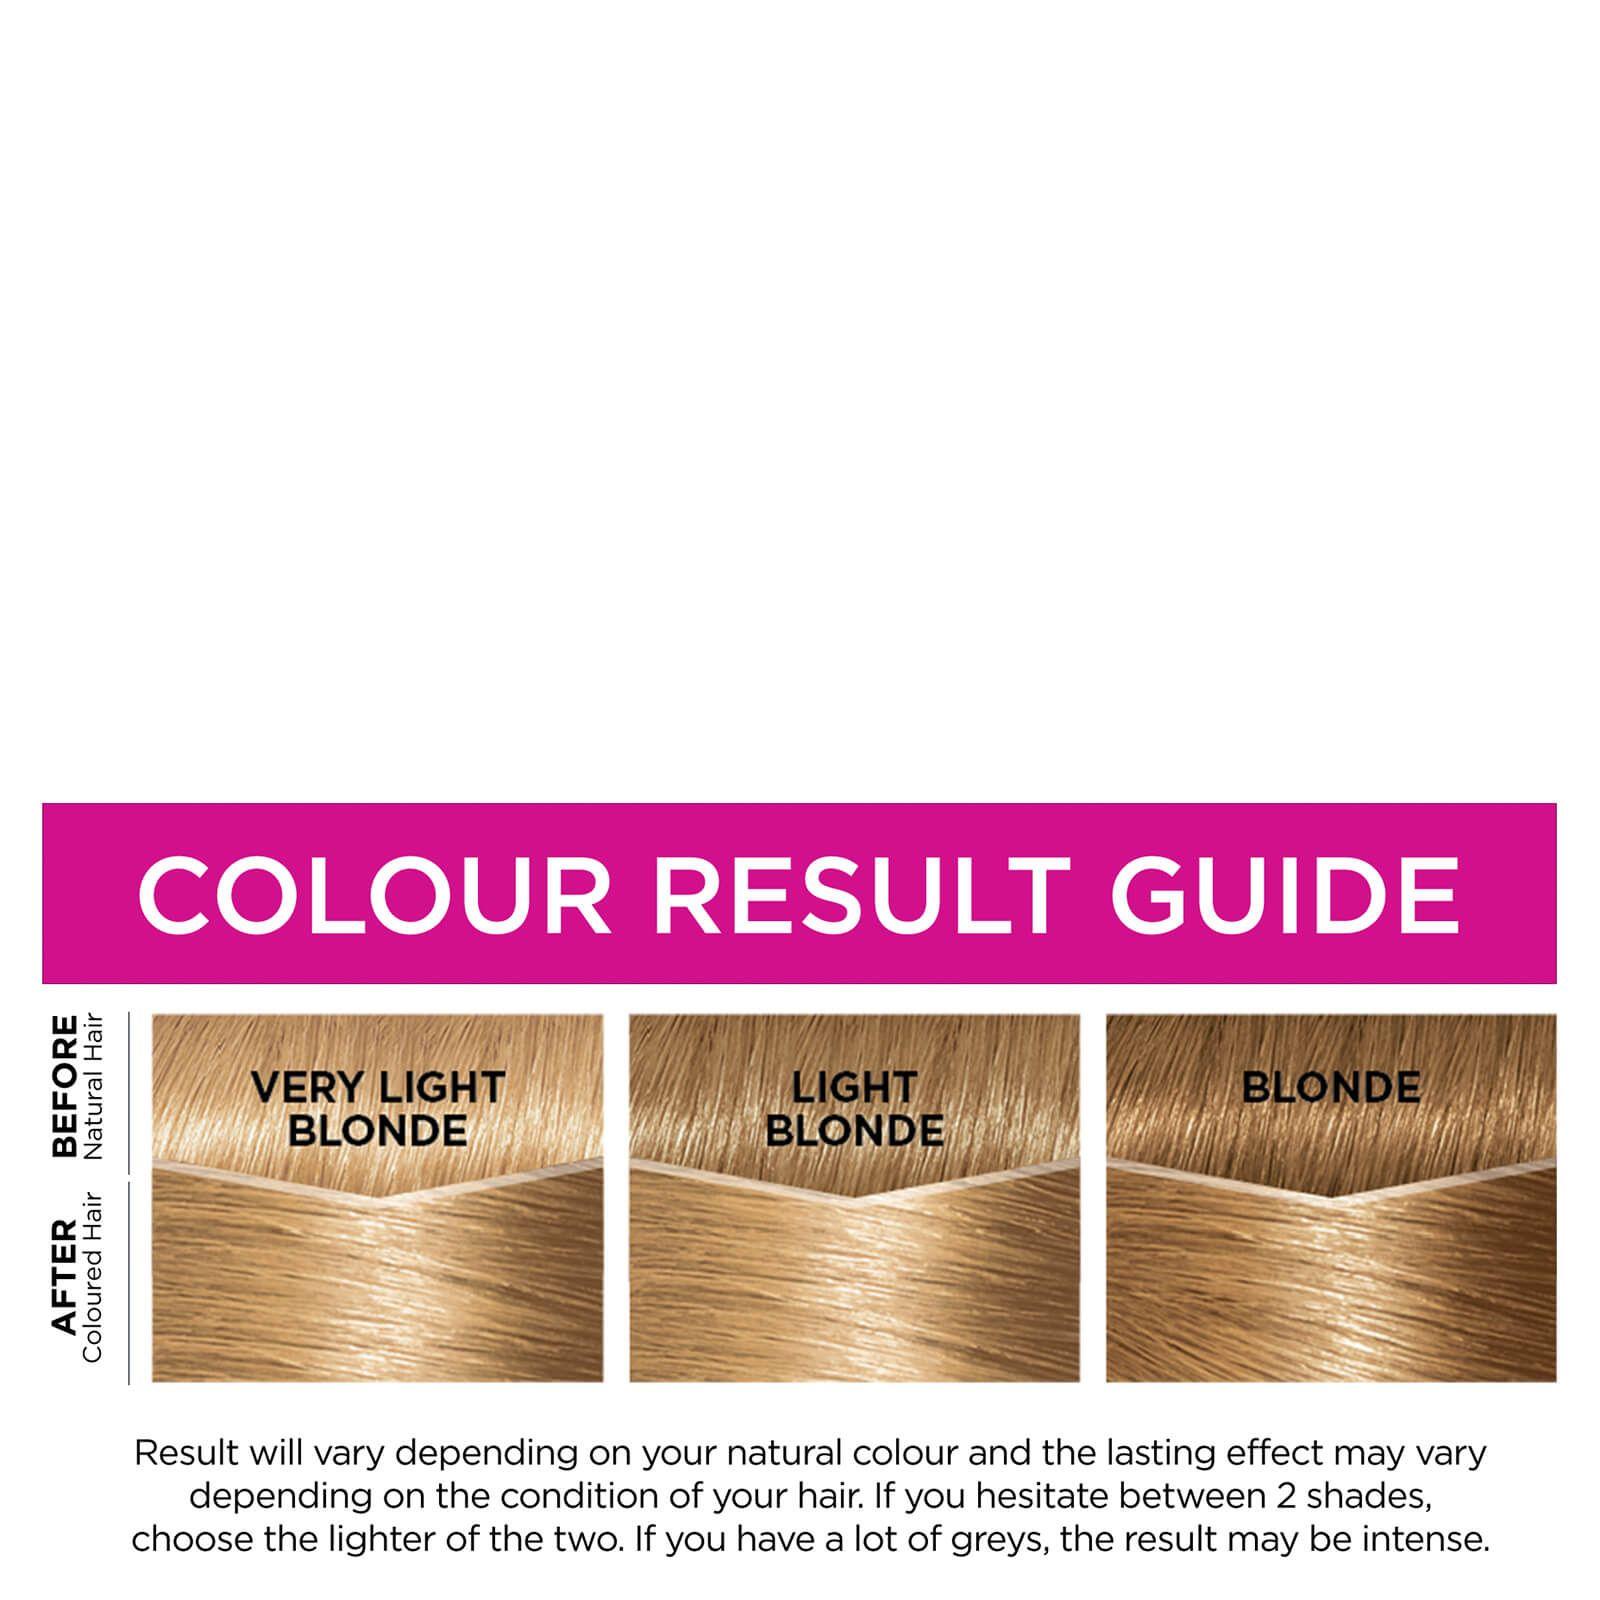 430 Ideas De Colorimétrie Fórmulas Para Color De Cabello Coloración De Cabello Colorimetria Cabello